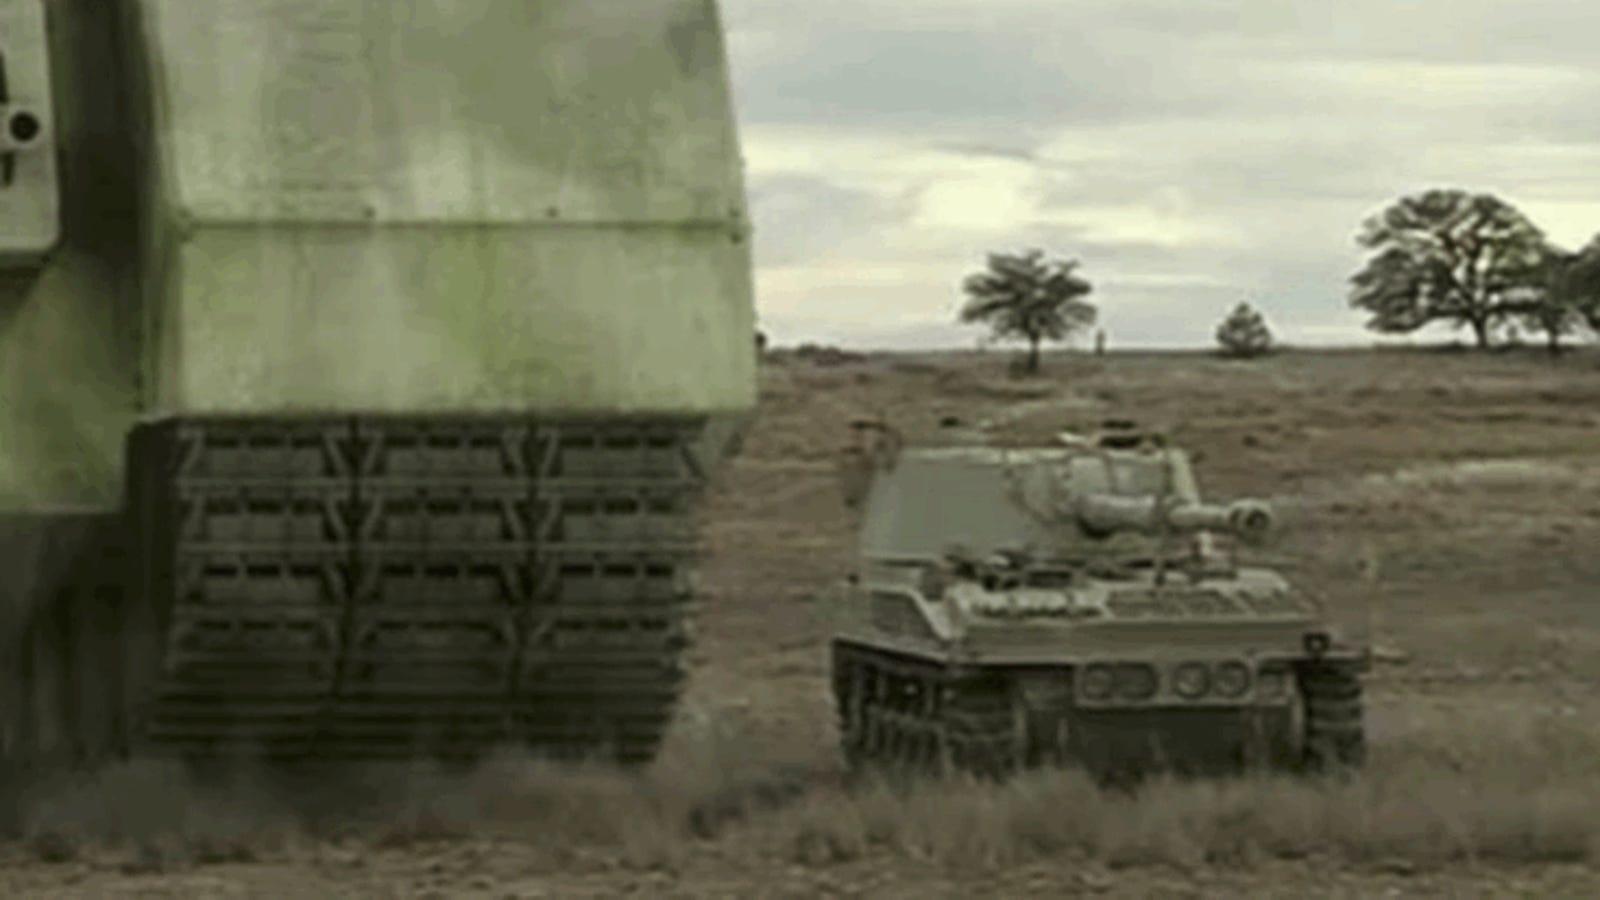 Cuatro tanques experimentales tan enormes que nunca llegaron al campo de batalla